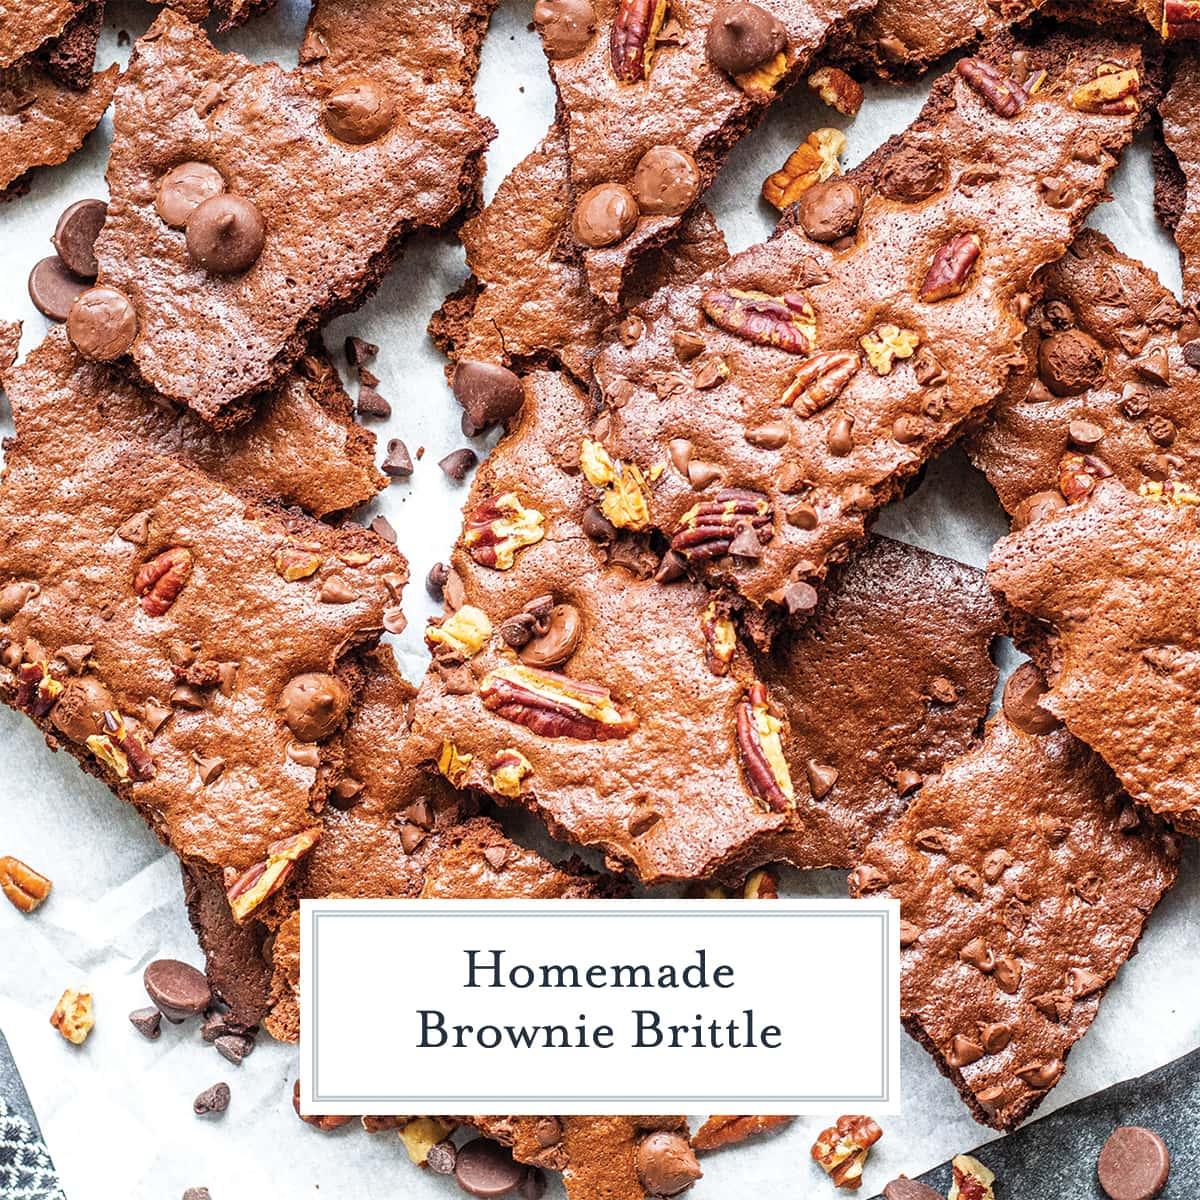 broken brownie brittle on white parchment